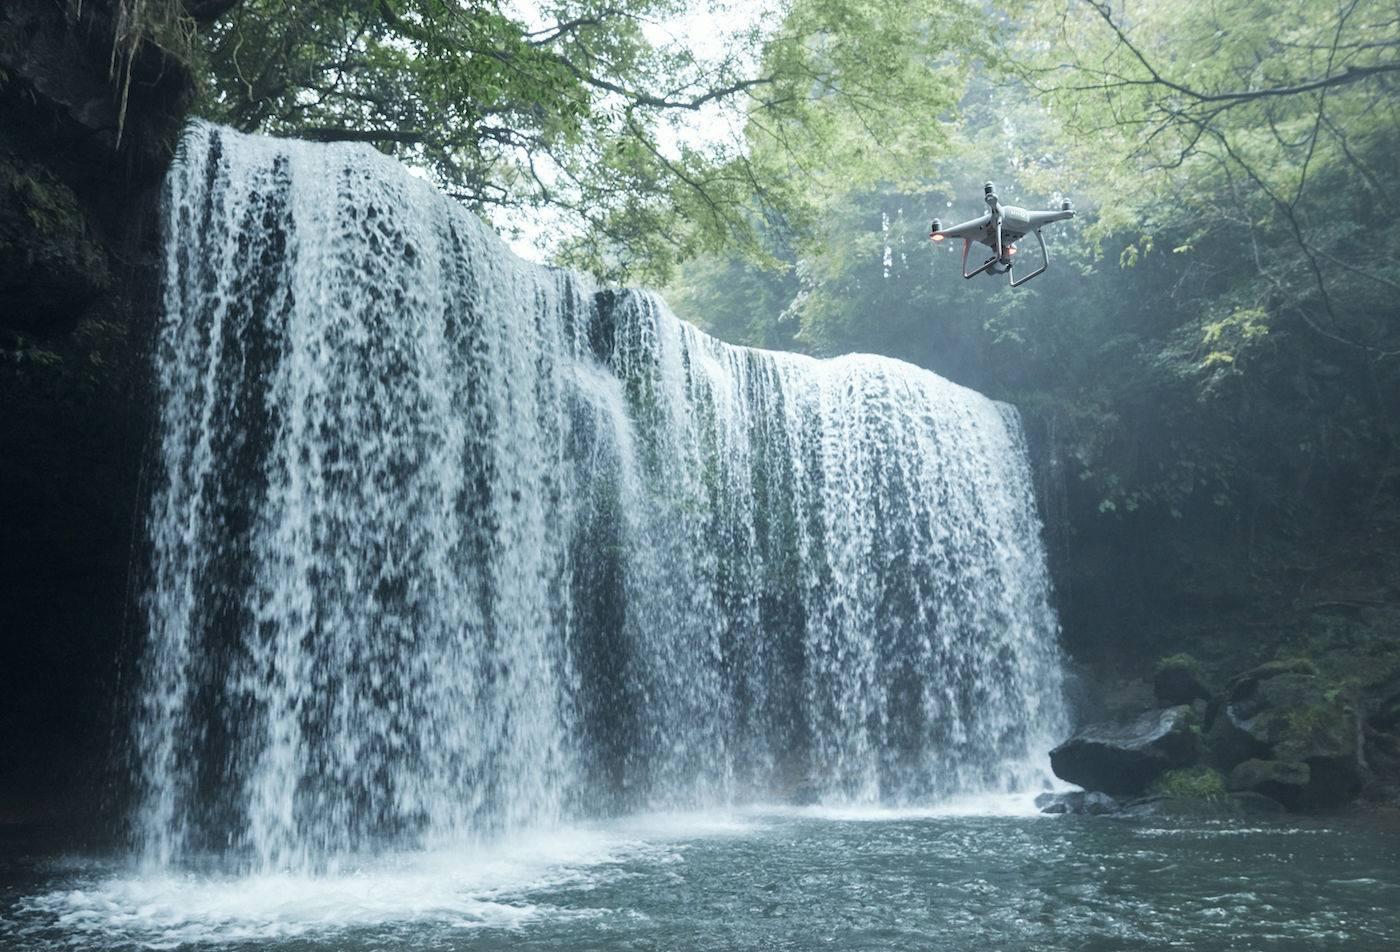 精灵Phantom 4 Pro 提升了安全性,在复杂环境中依然自如飞行.jpg